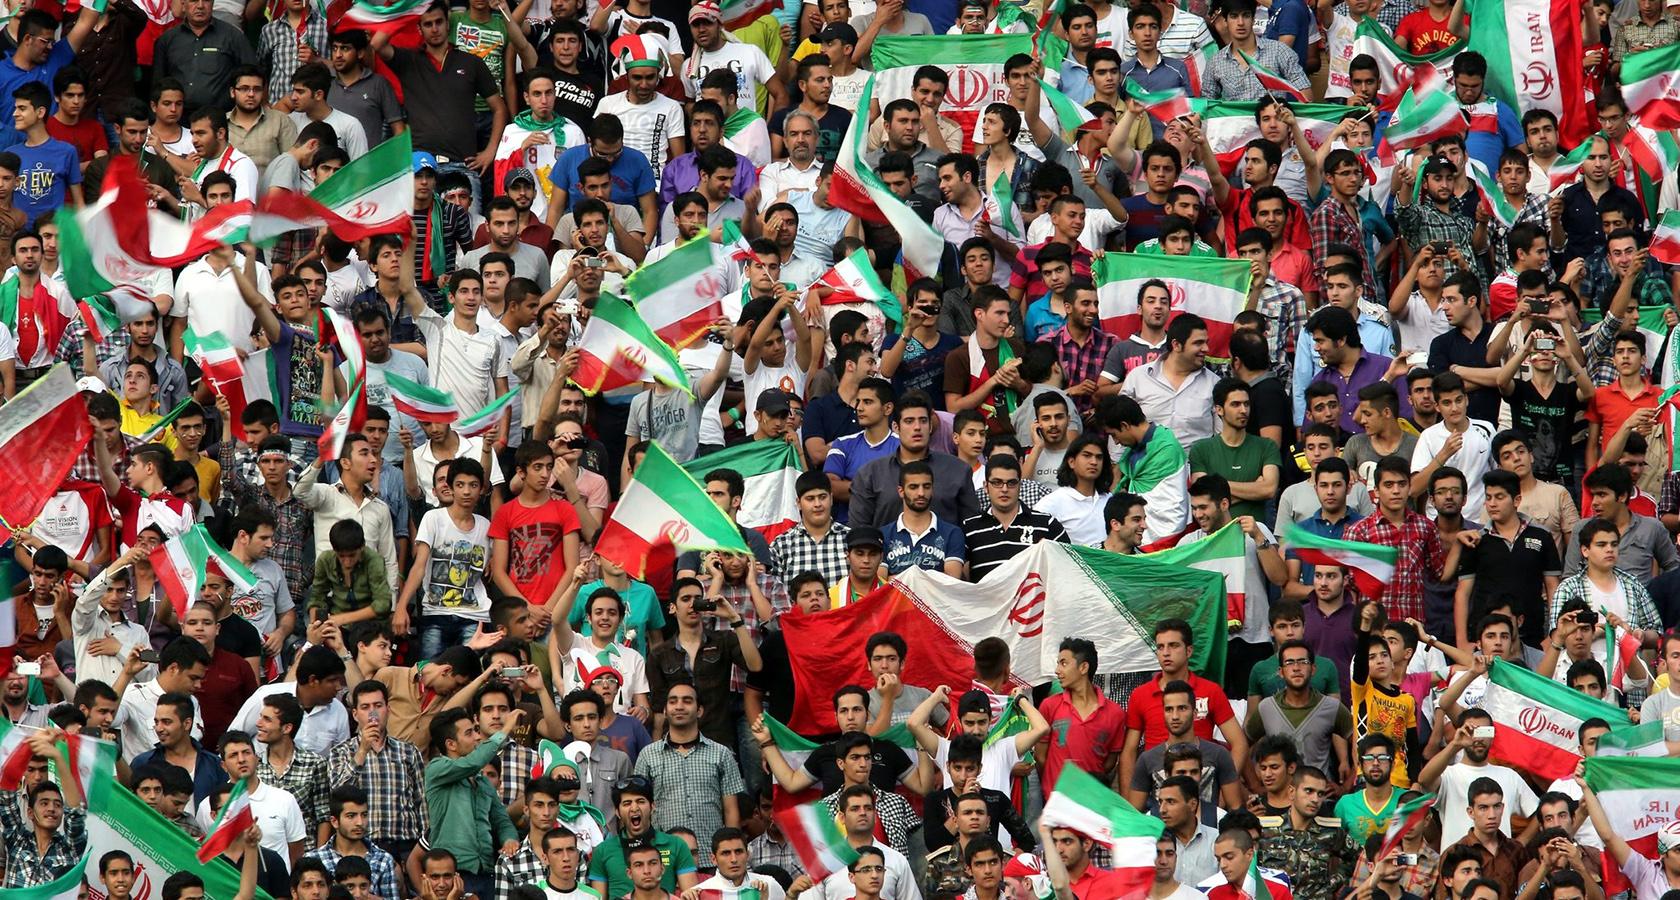 伊朗足球超级联赛_阿联酋足球超级联赛_伊朗足球超级联赛降级